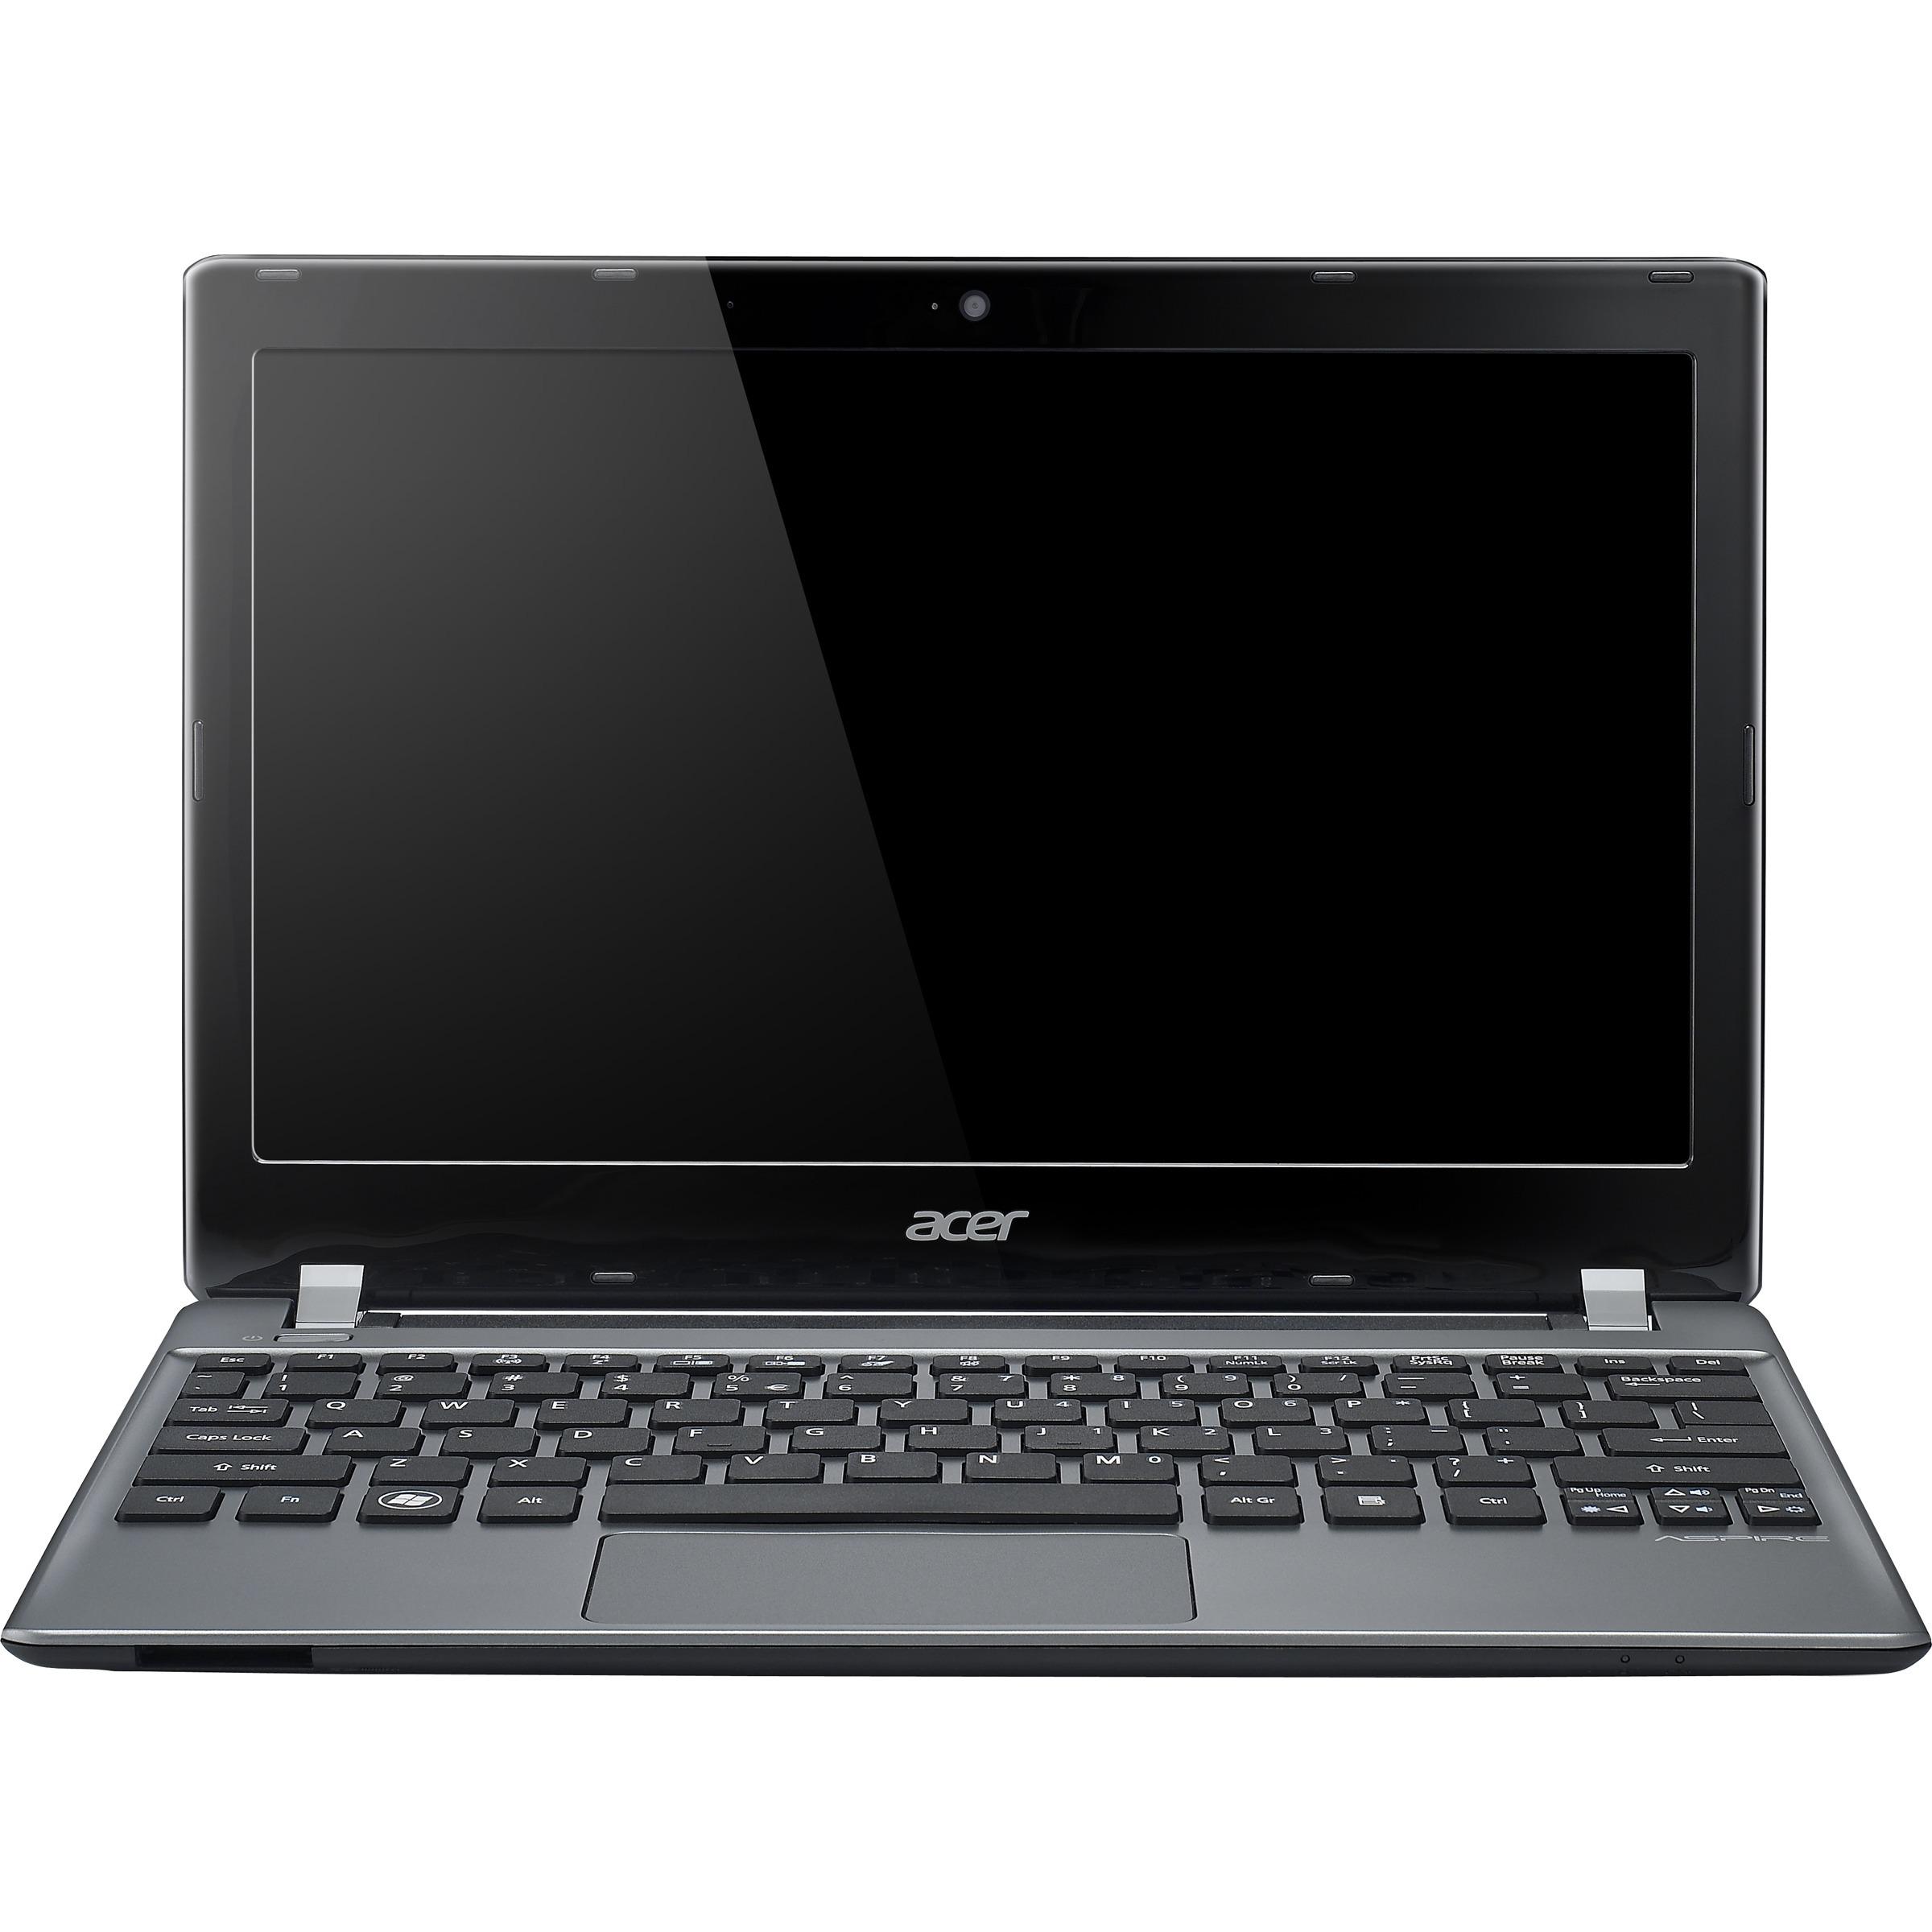 USB 2.0 External CD//DVD Drive for Acer Aspire V5-171-6860